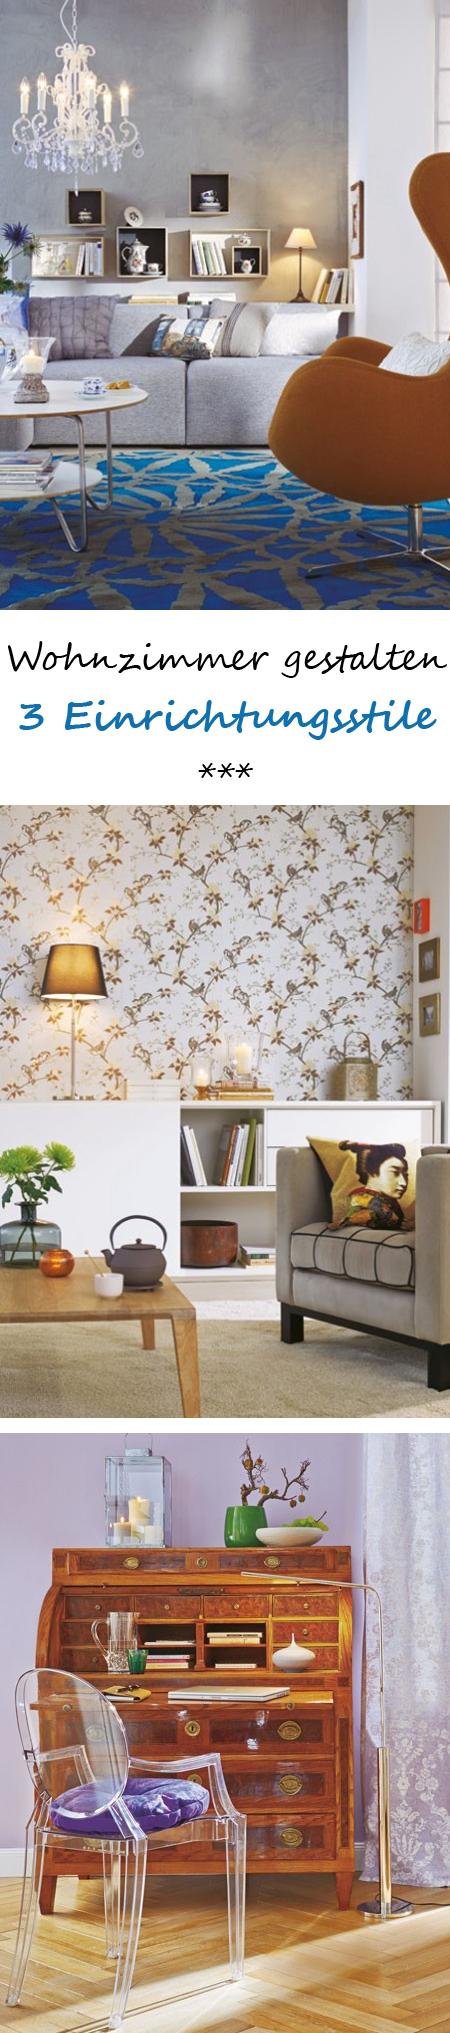 Wohnzimmer gestalten drei einrichtungsstile gegensatz for Wohninspirationen wohnzimmer